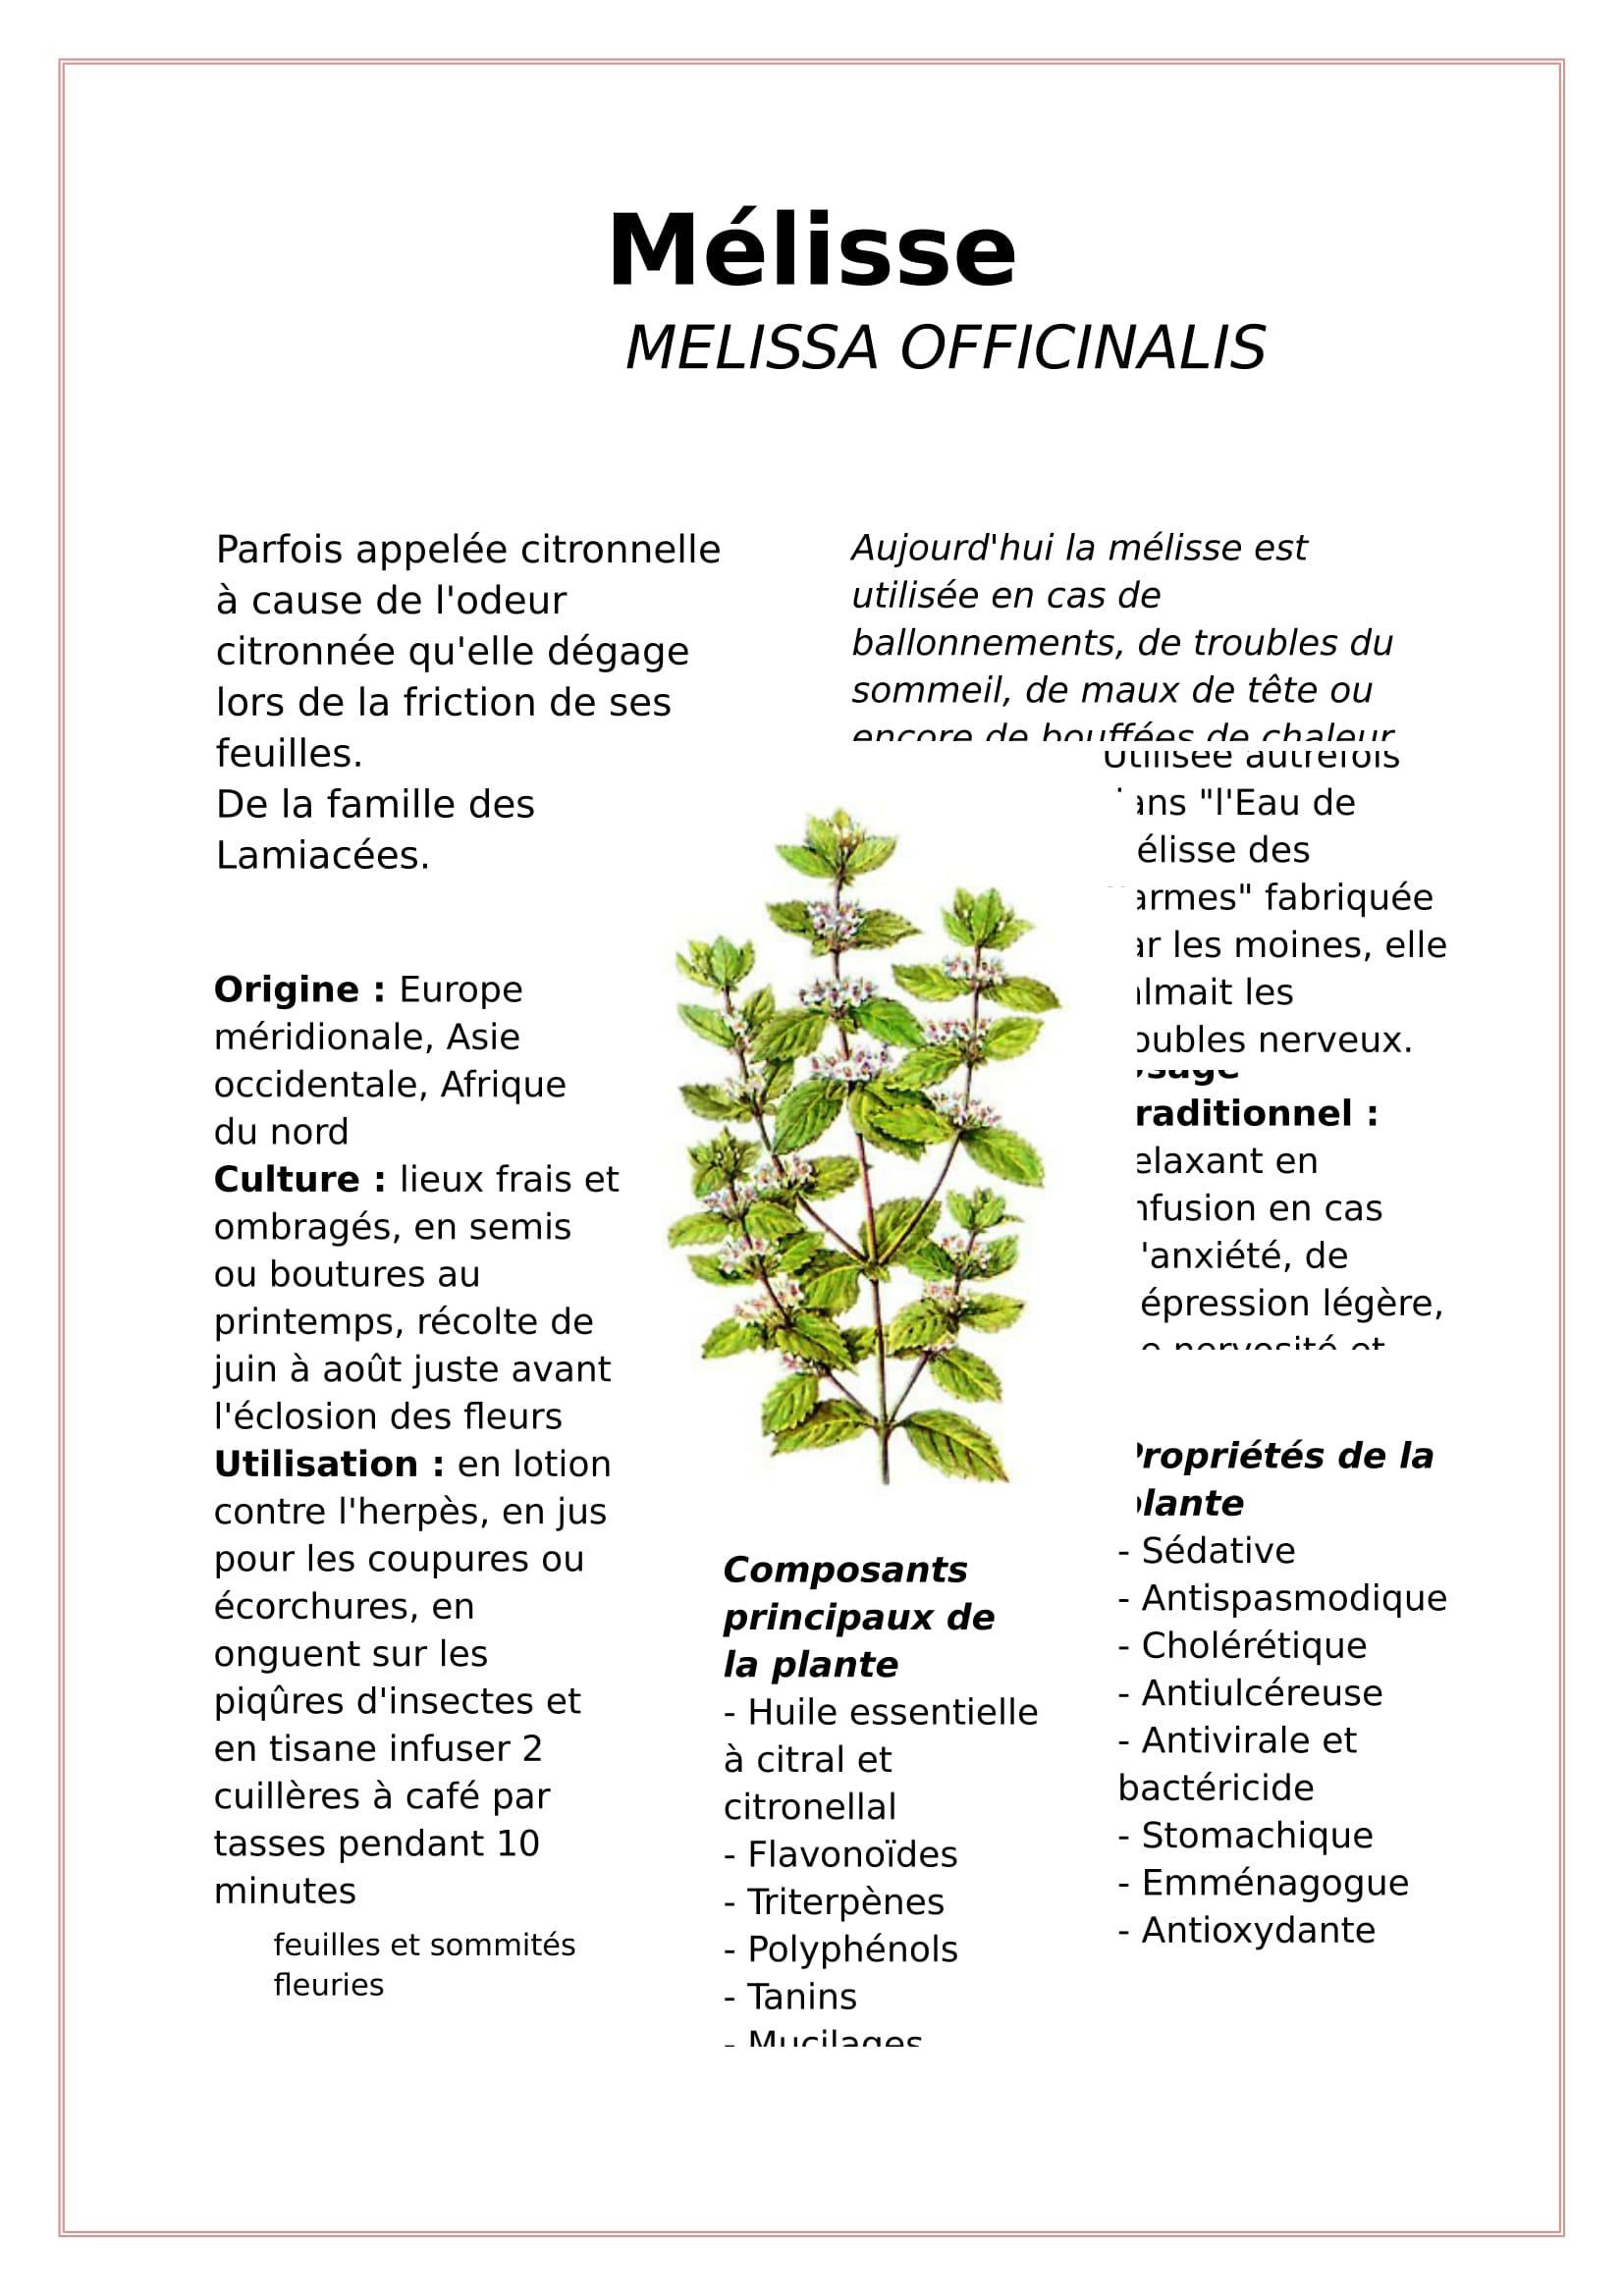 Mélisse-1